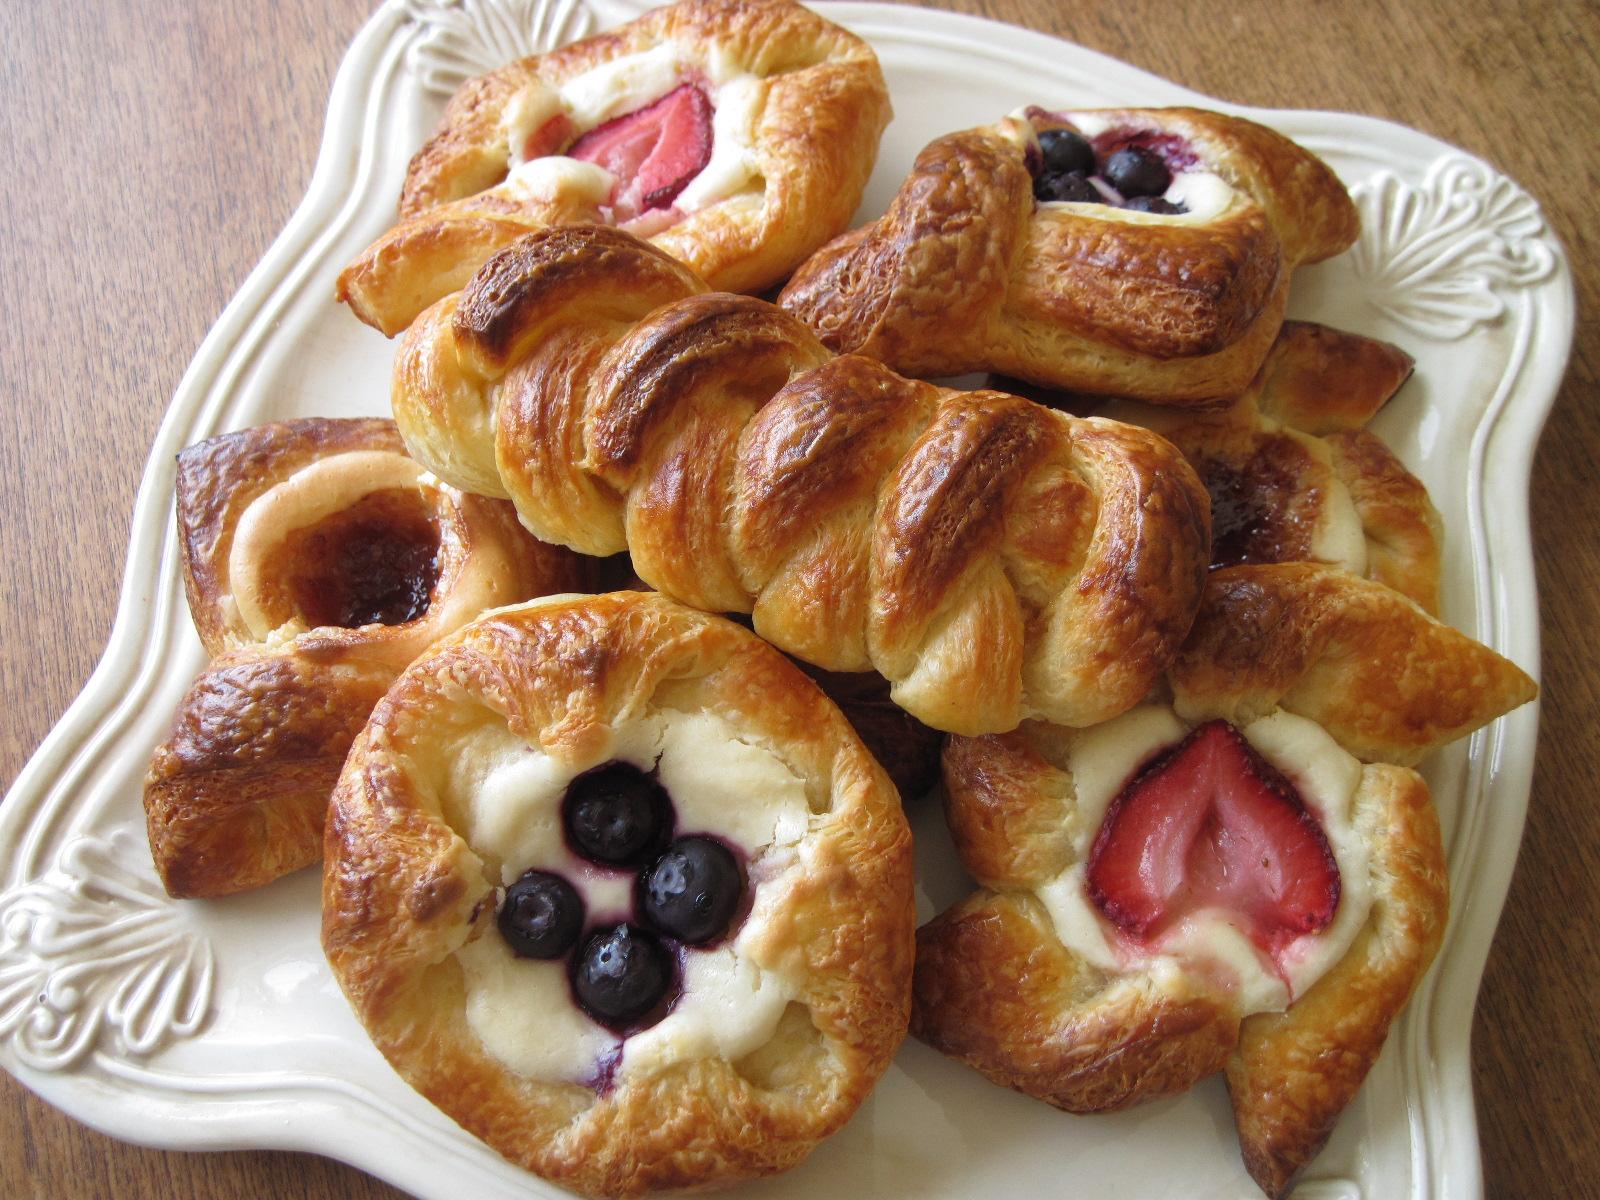 Những chiếc bánh ngọt pastry là đồ ăn ngọt bạn nên thử